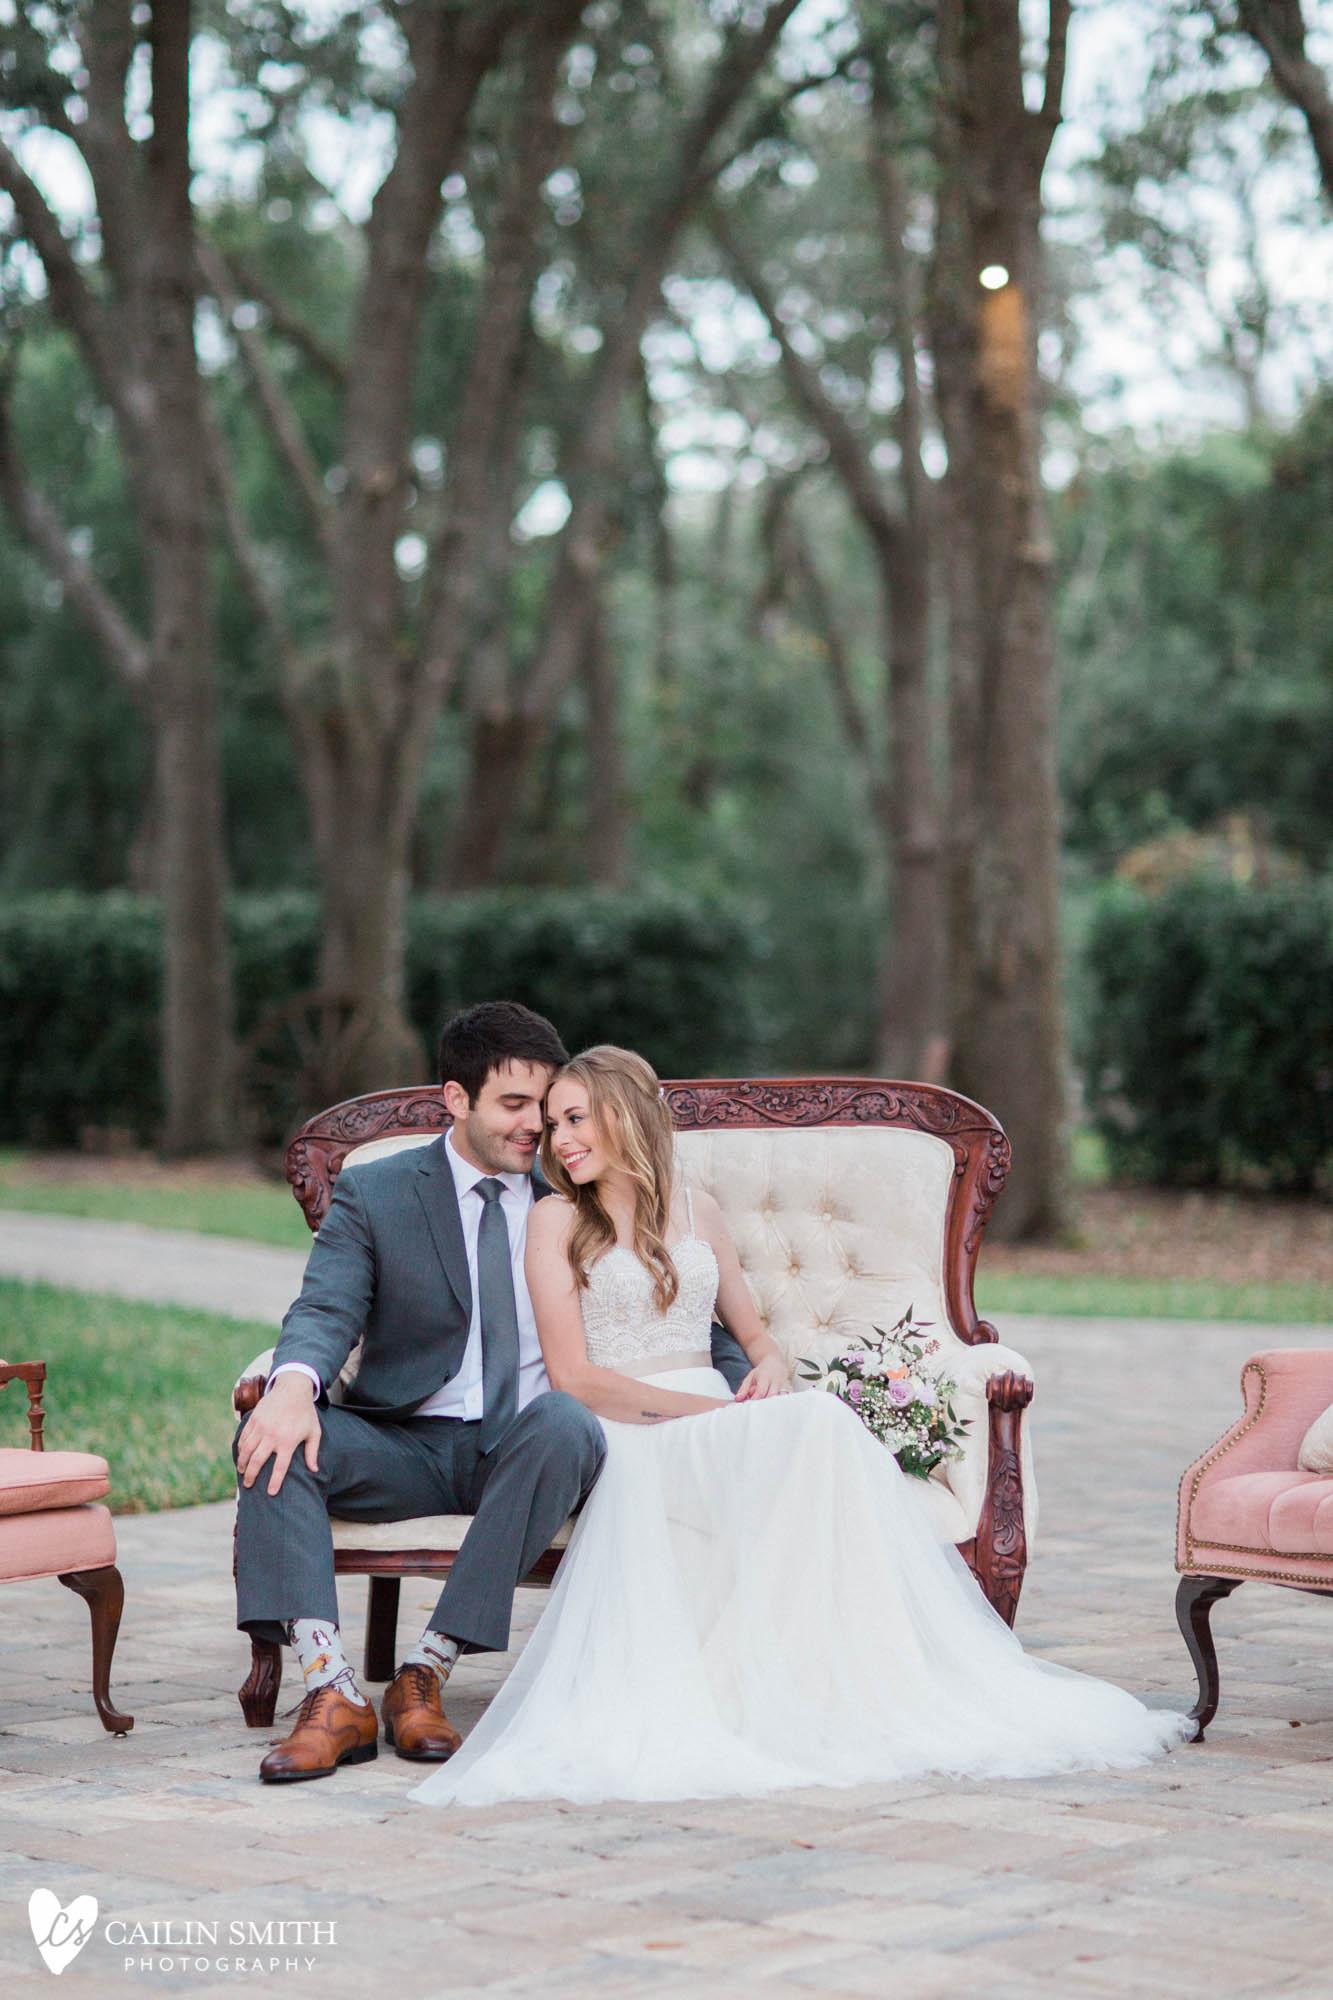 Sylvia_Anthony_Bowing_Oaks_Plantation_Wedding_Photography_0083.jpg